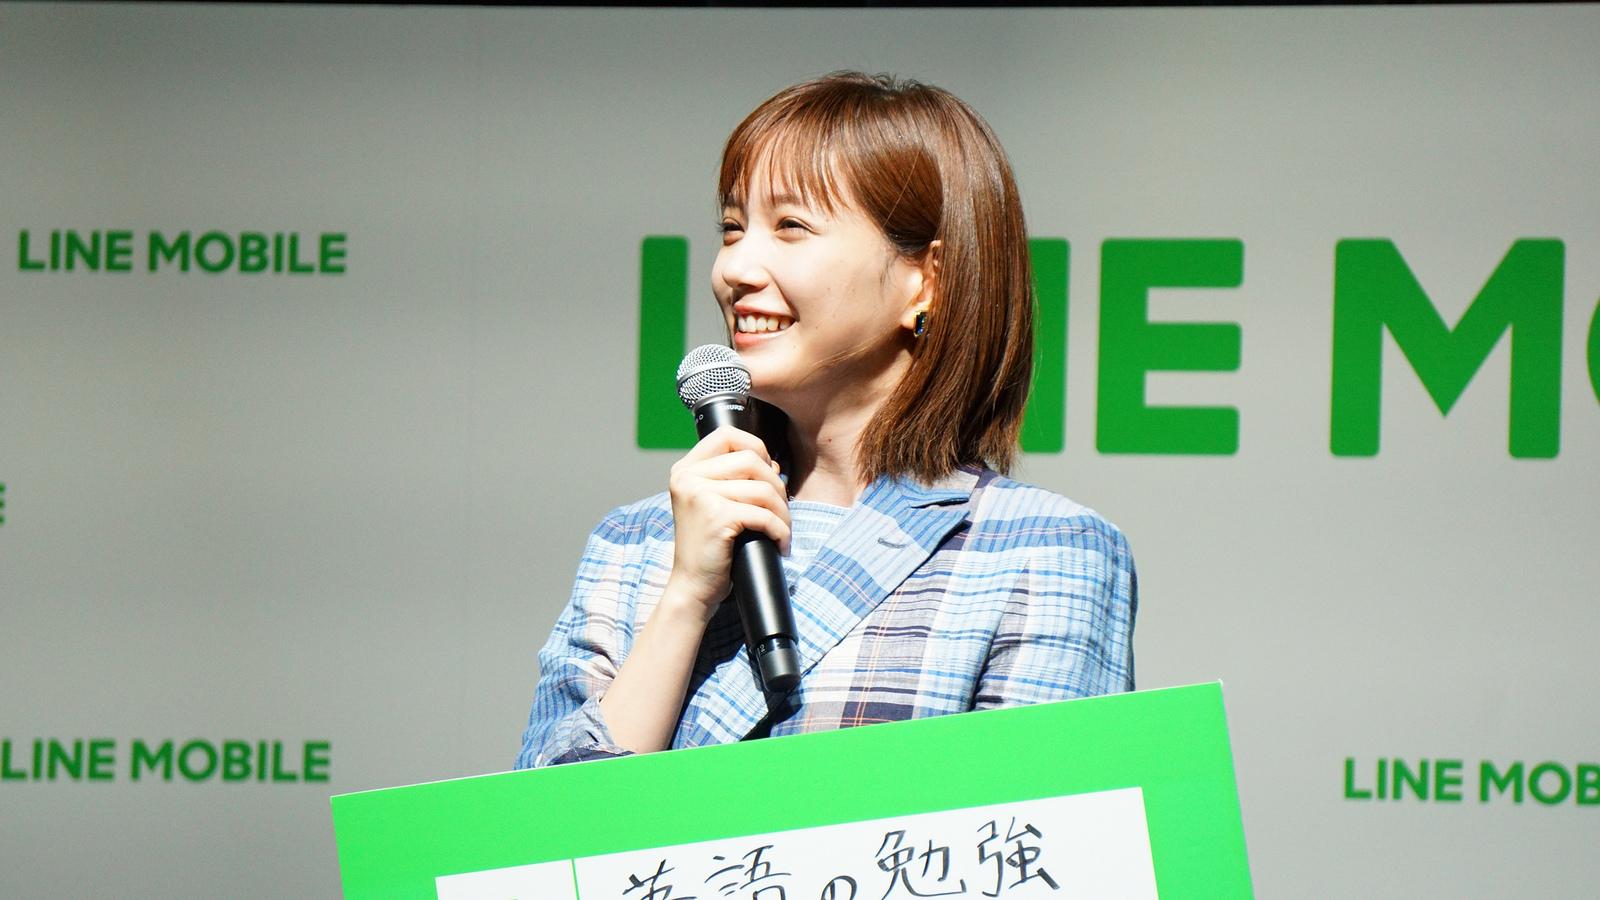 LINEモバイル、本田翼さん起用の新テレビCMを公開